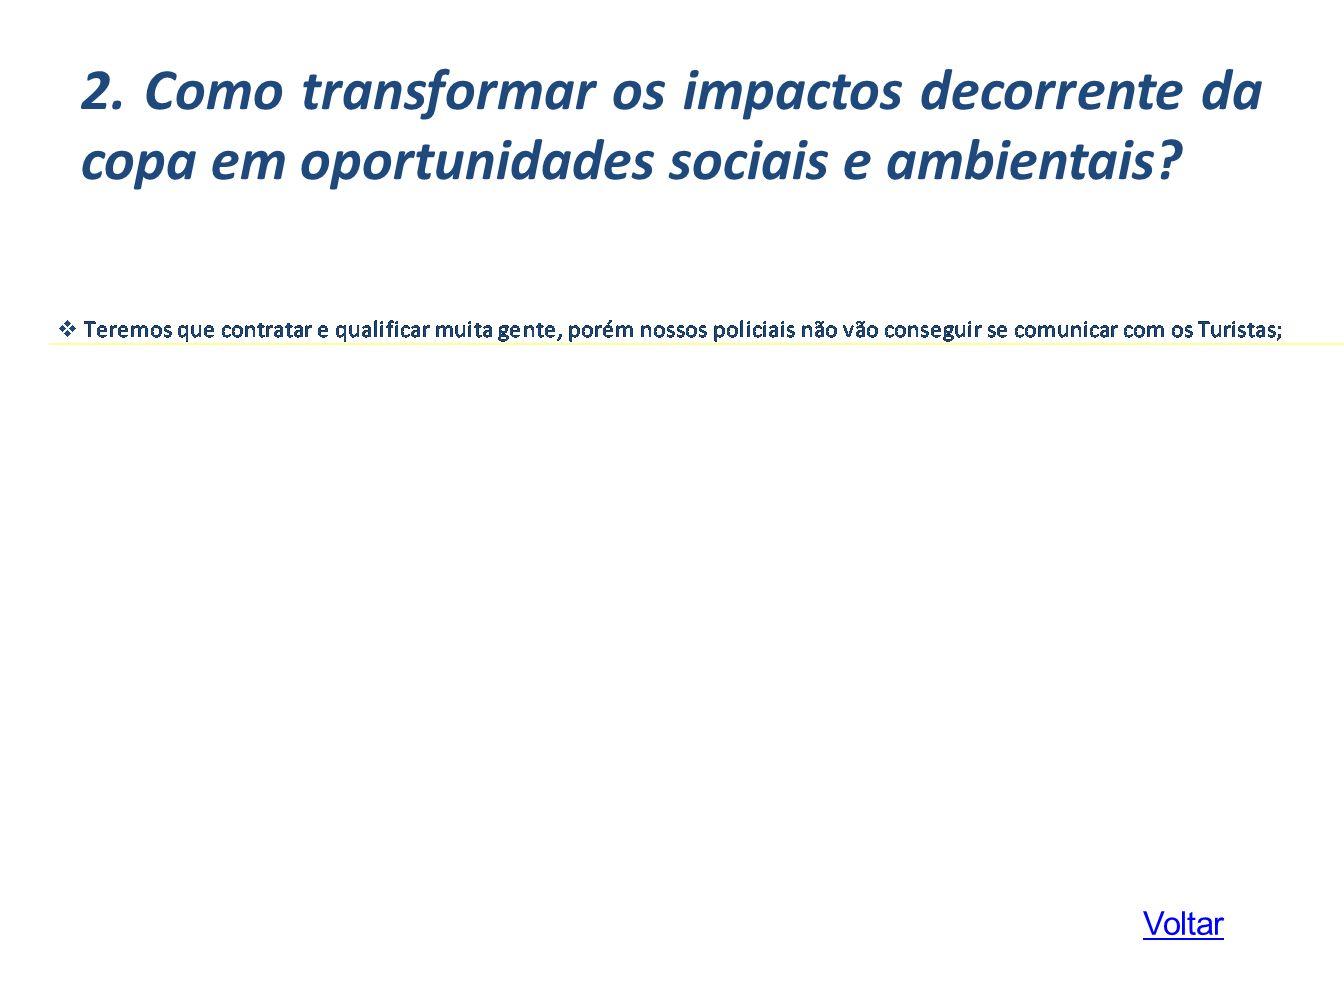 2. Como transformar os impactos decorrente da copa em oportunidades sociais e ambientais